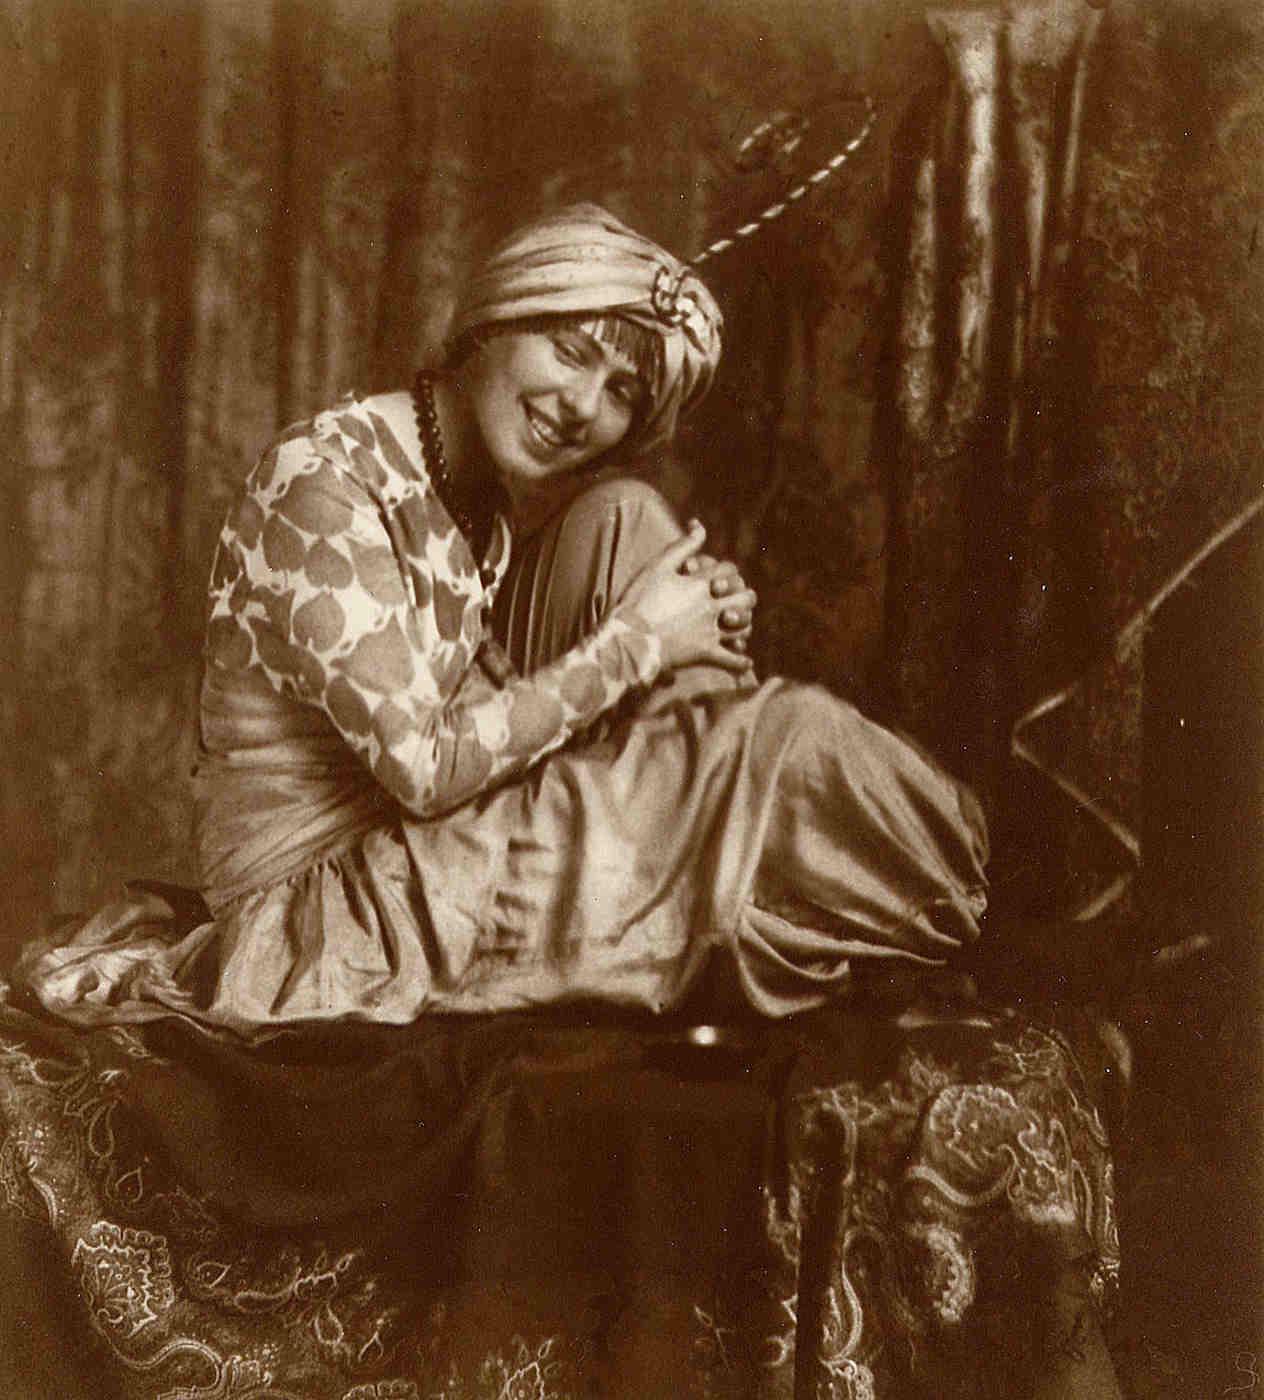 Sophie Taeuber, München 1914 | Foto: Eudard Wasow – Archiv Stiftung Arp e. V., Berlin/Rolandswerth